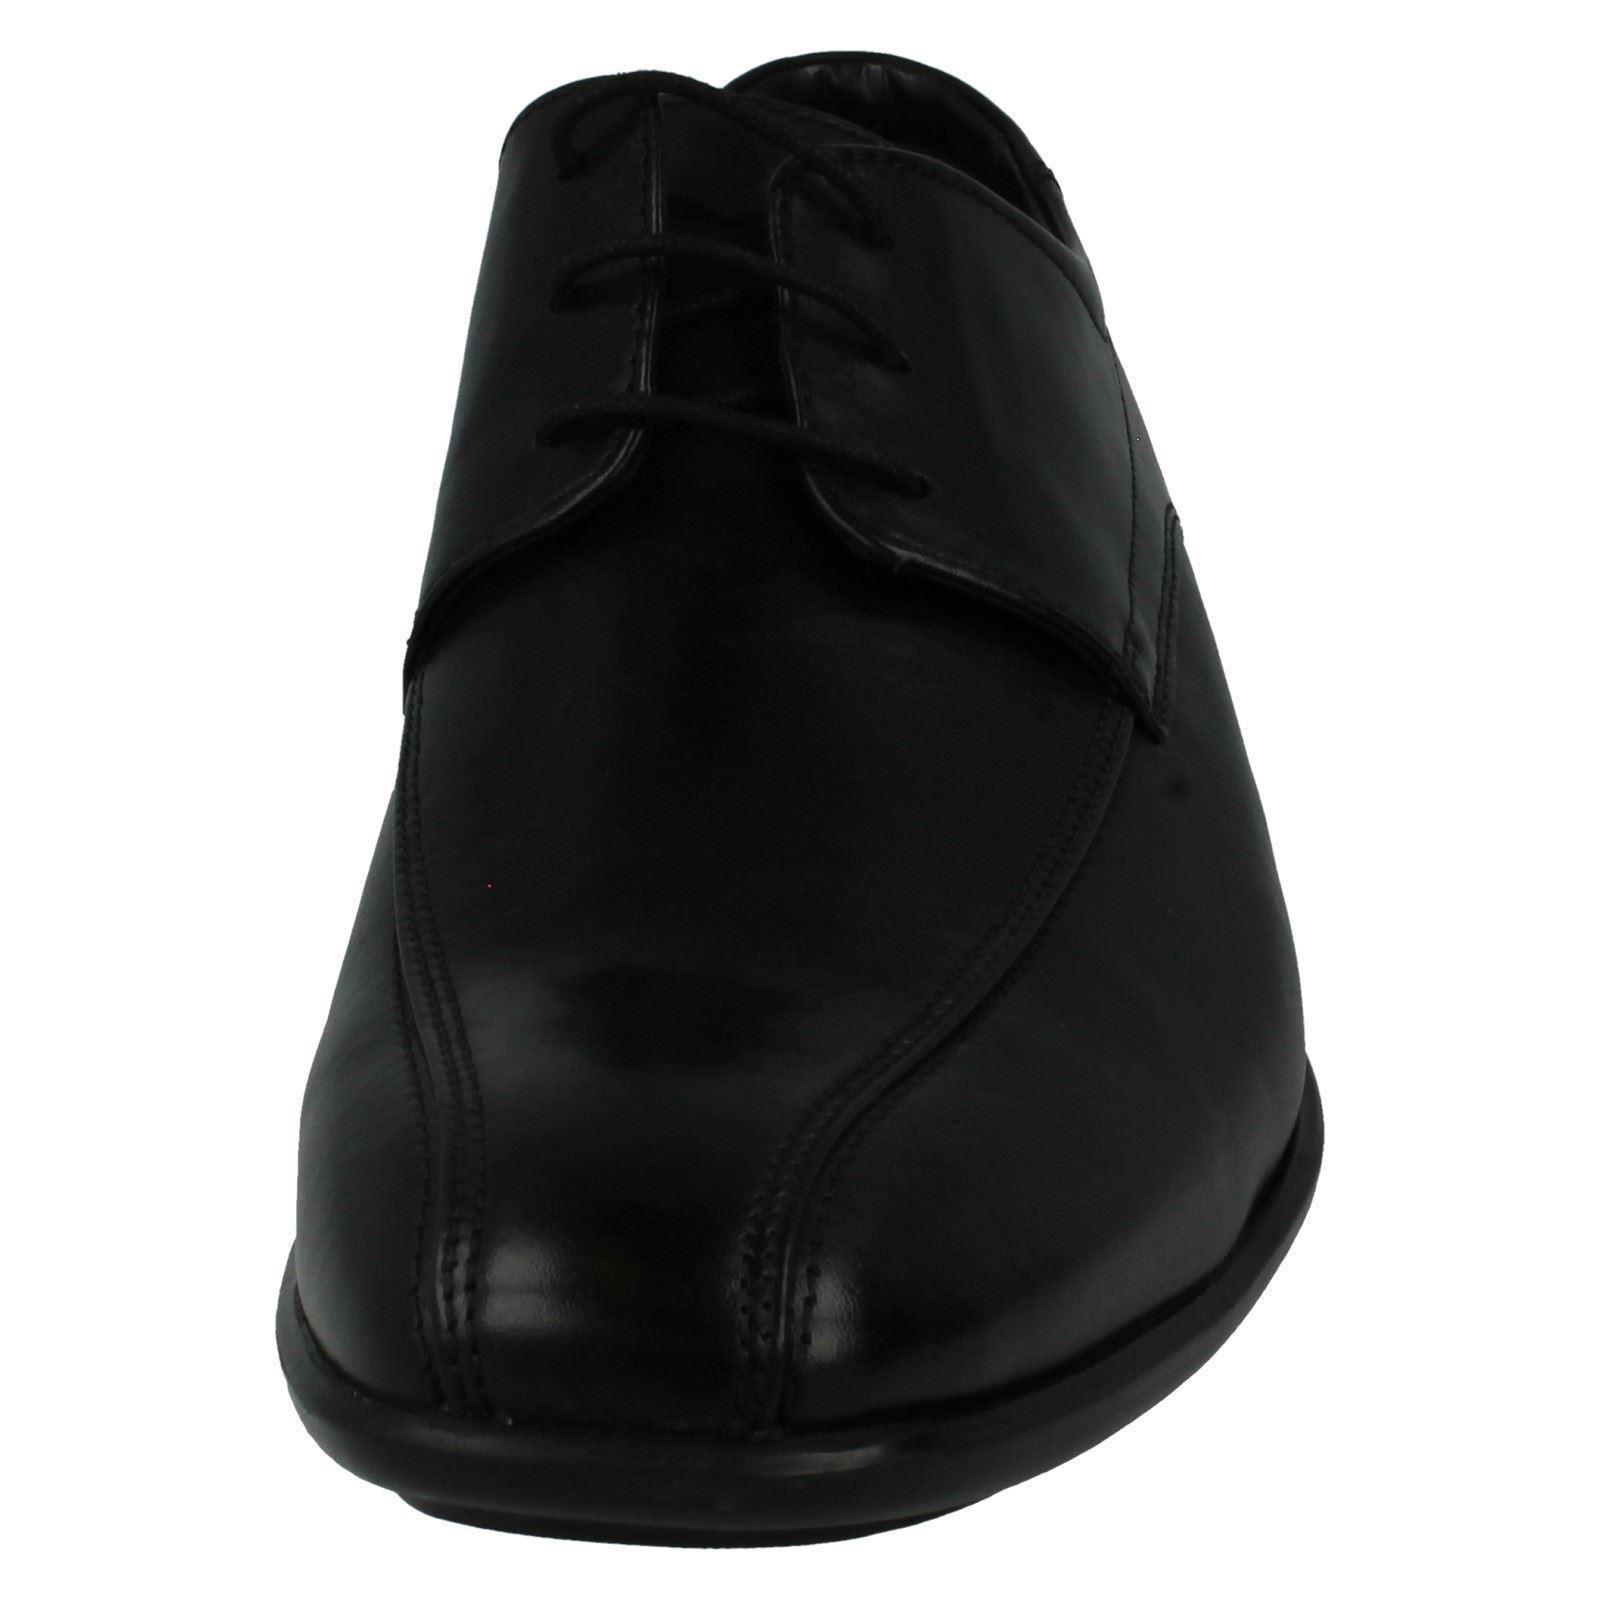 Herren gadwell PASSFORM über schwarz Leder Spitze G PASSFORM gadwell Schuhe von Clarks 8e9833